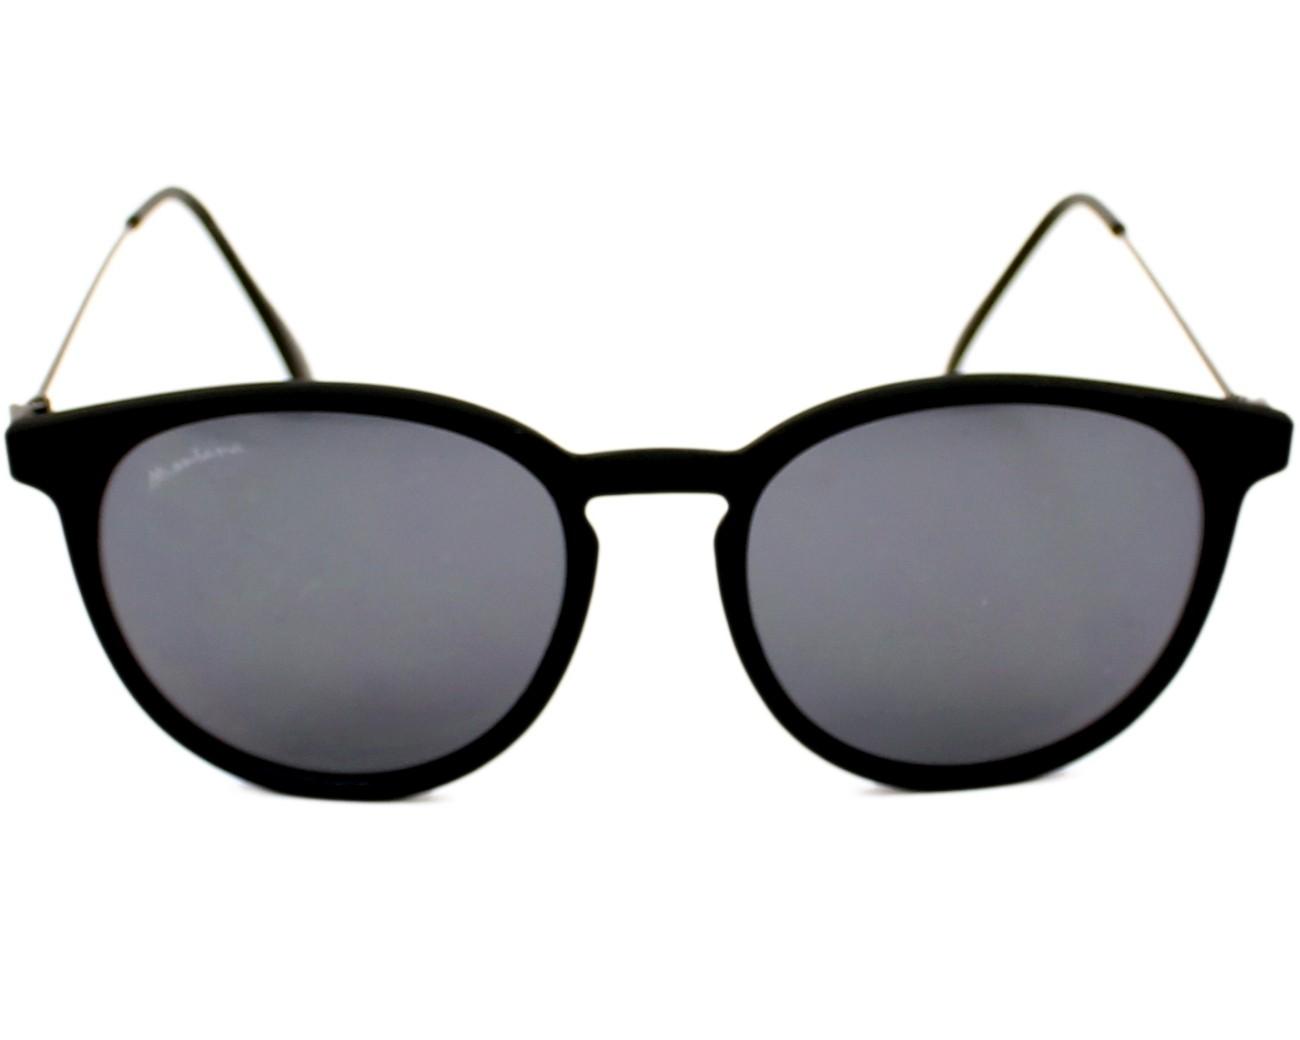 9f6f06b9df Lunettes de soleil Montana S-33 black 50-17 Noir Gunmetal vue de face